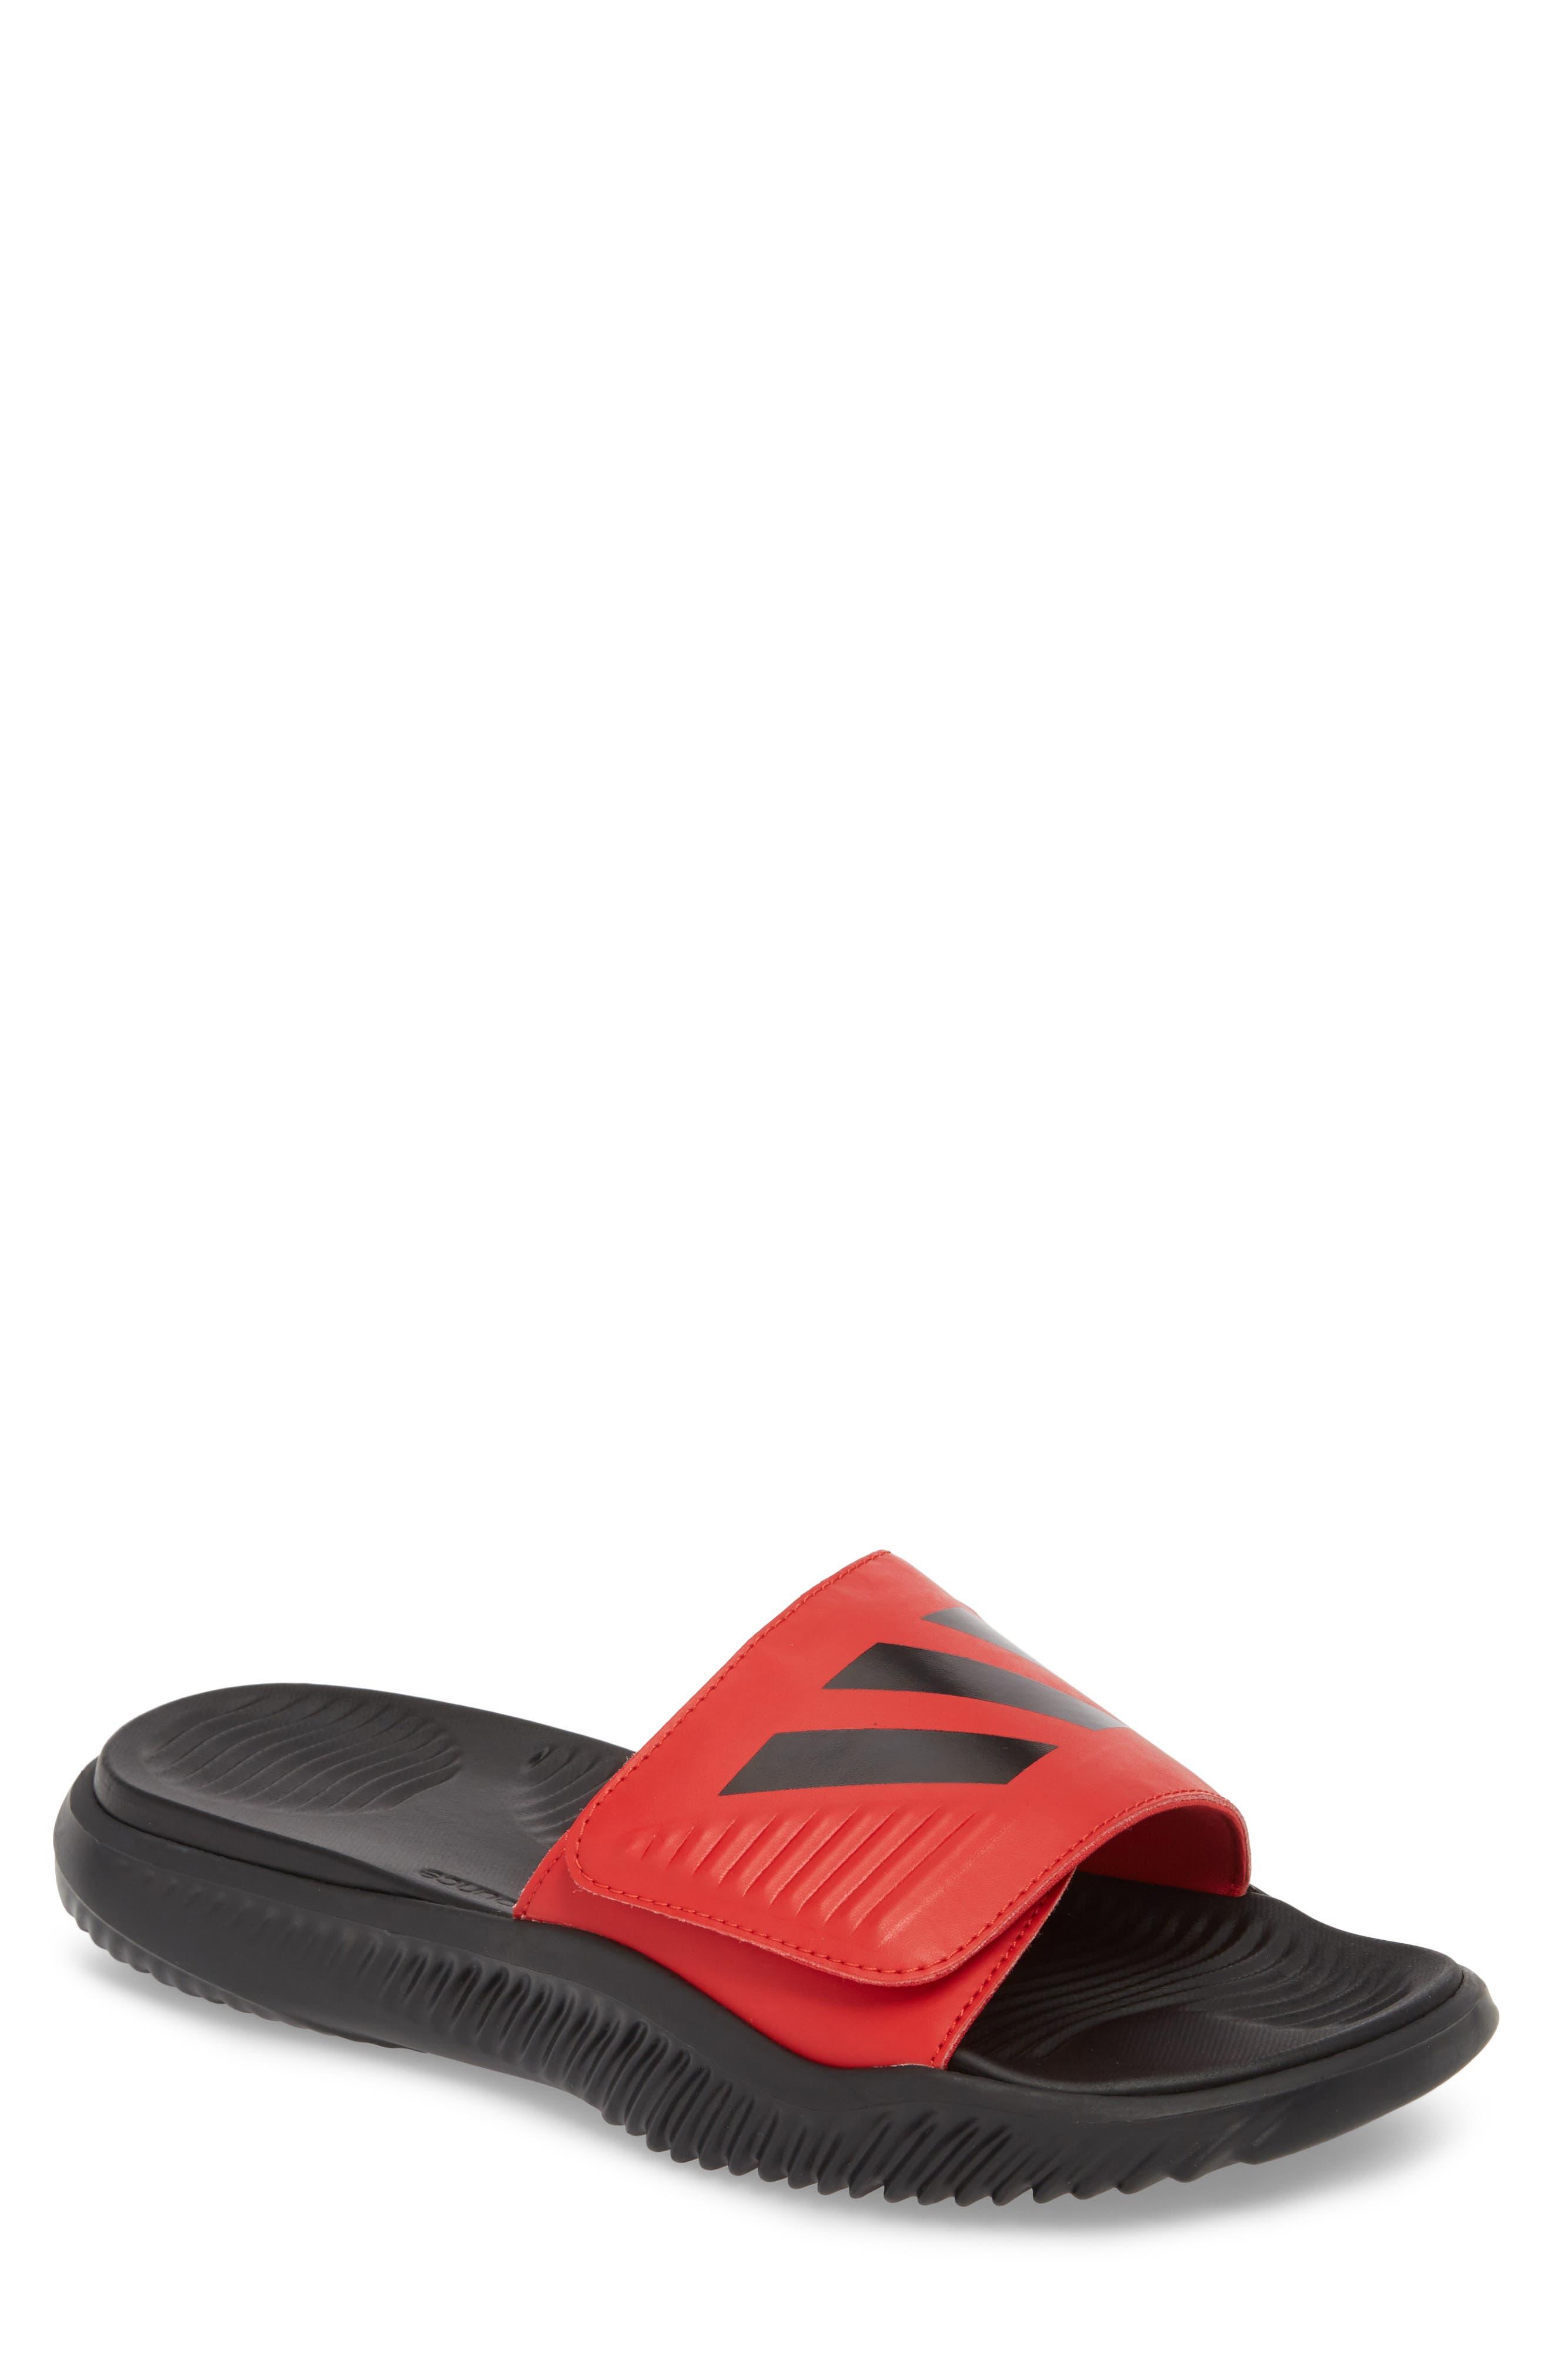 AlphaBounce Slide Sandal,                         Main,                         color, Scarlet/ Black